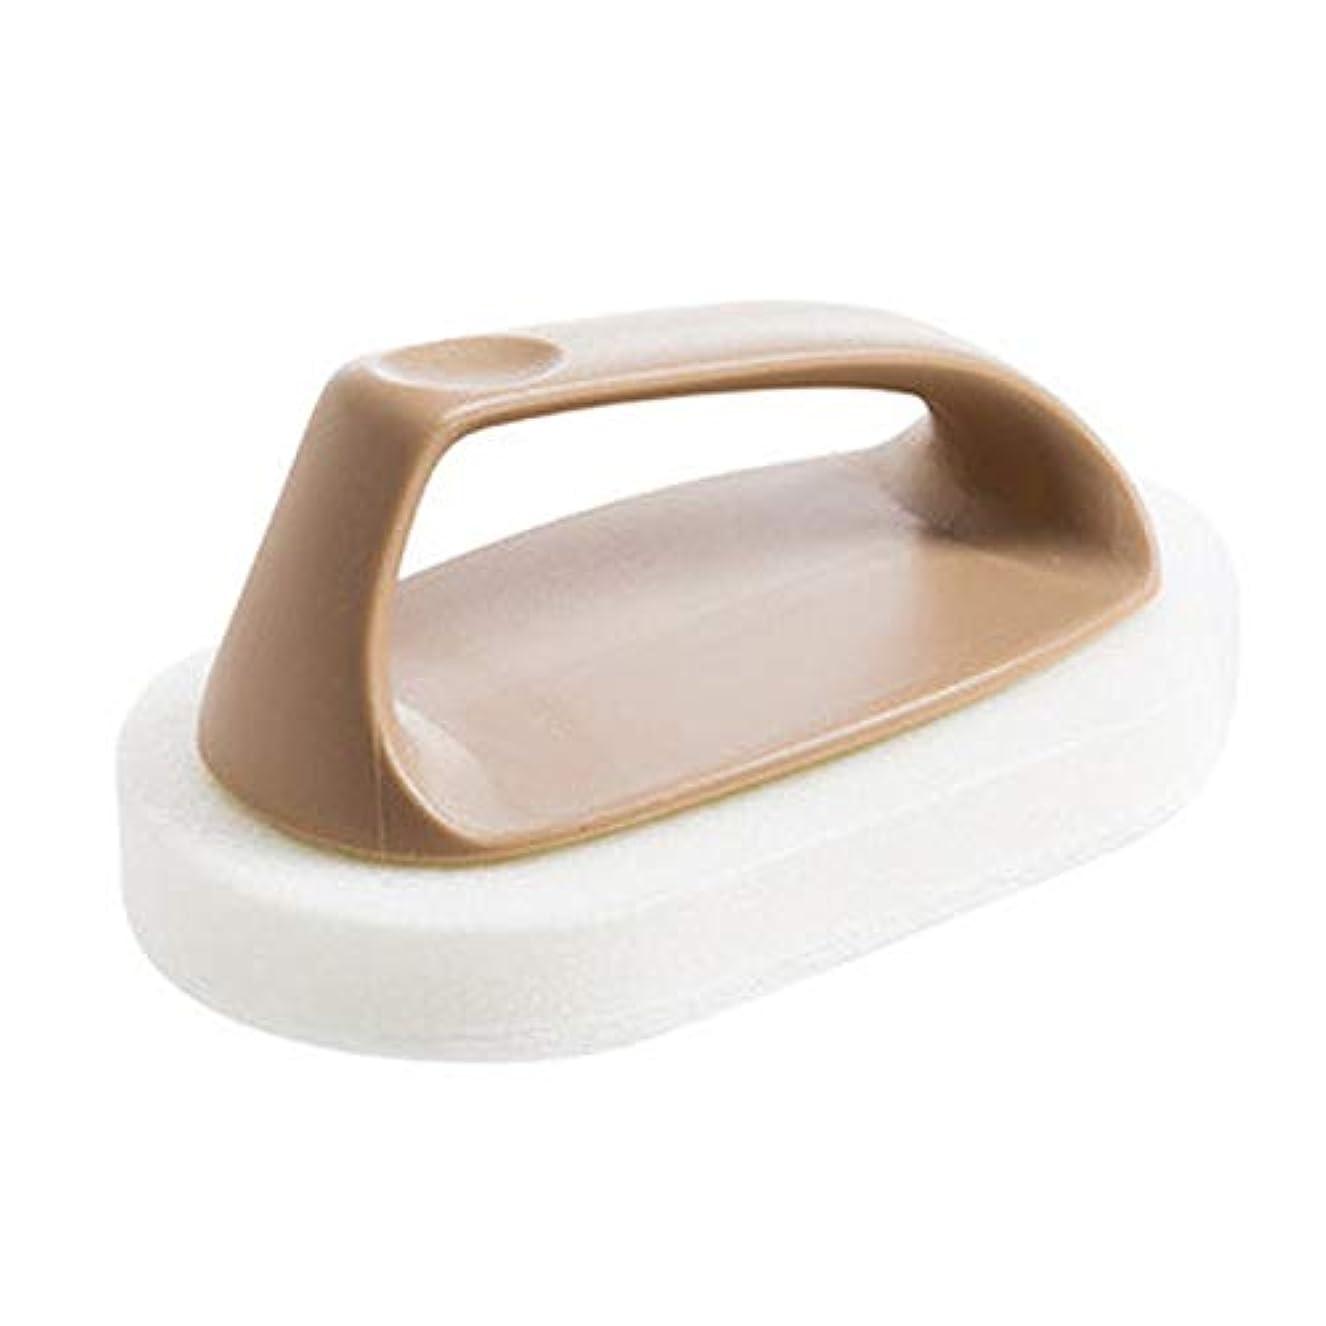 シャワー余裕がある急ぐポアクリーニング スポンジバスバスルーム強力な汚染除去タイルキッチンウォッシュポットクリーニングブラシストーブスポンジ2 PC マッサージブラシ (色 : 褐色)